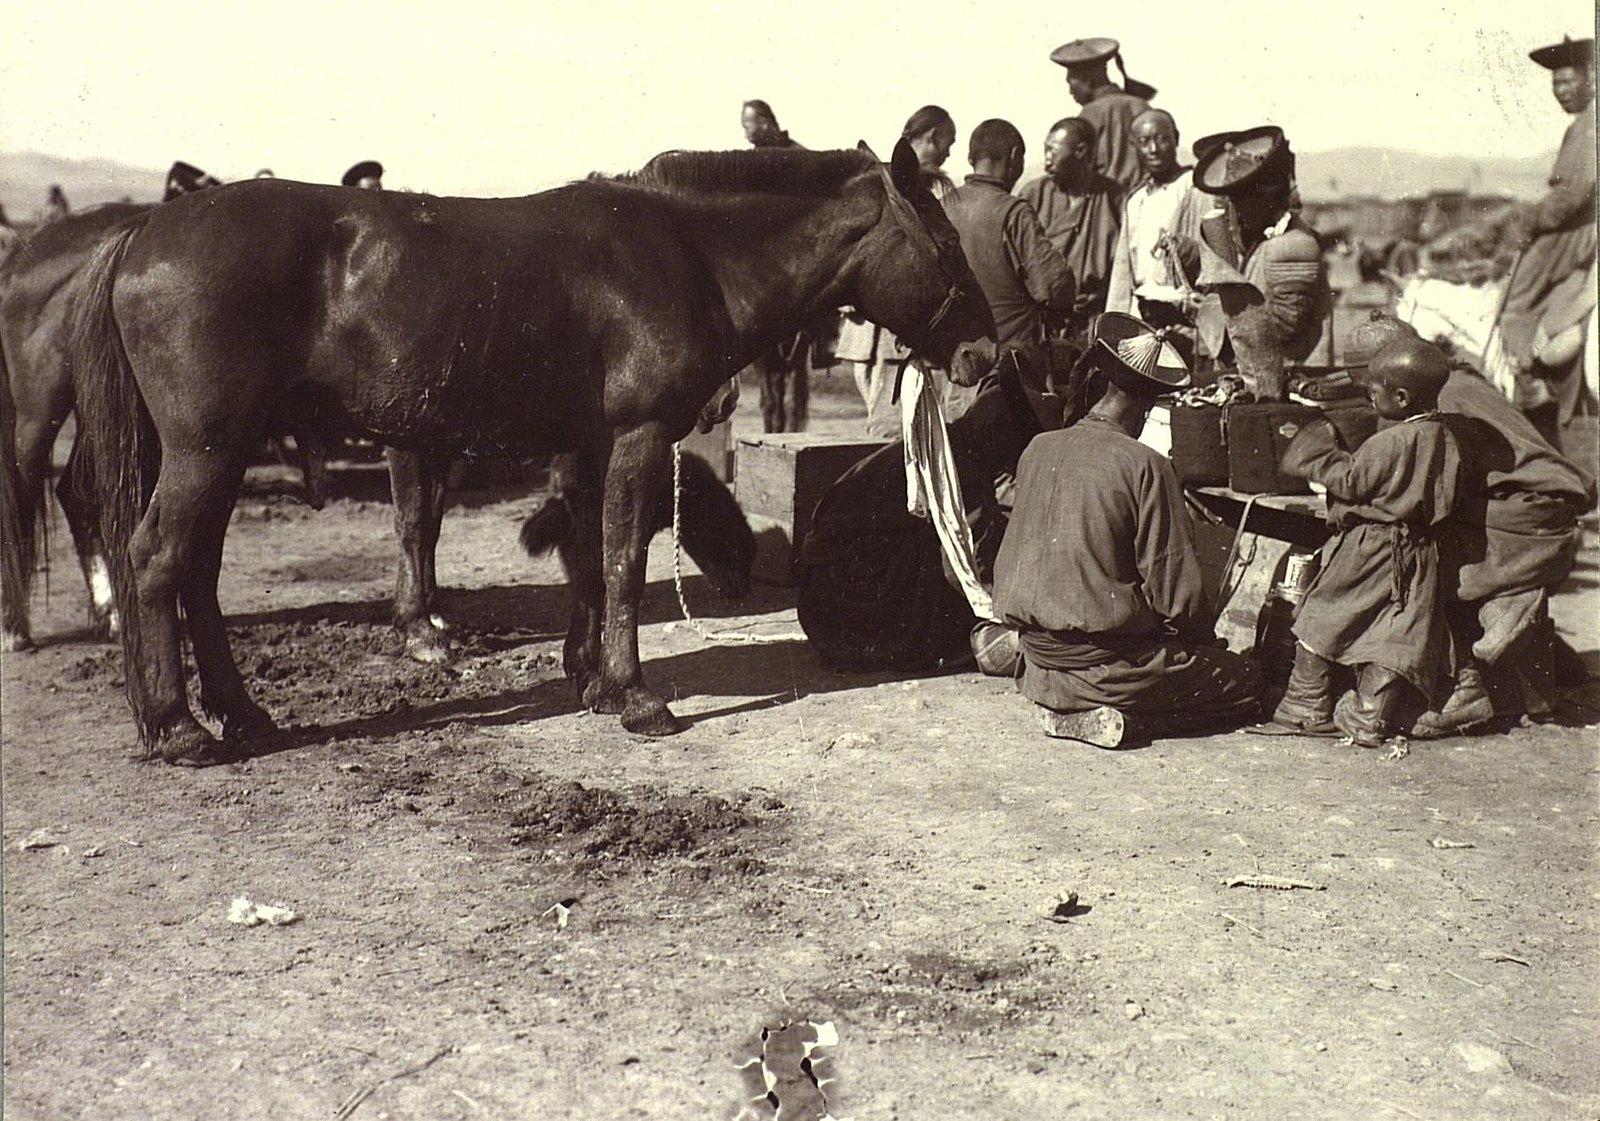 Урга. Лошади на базаре.